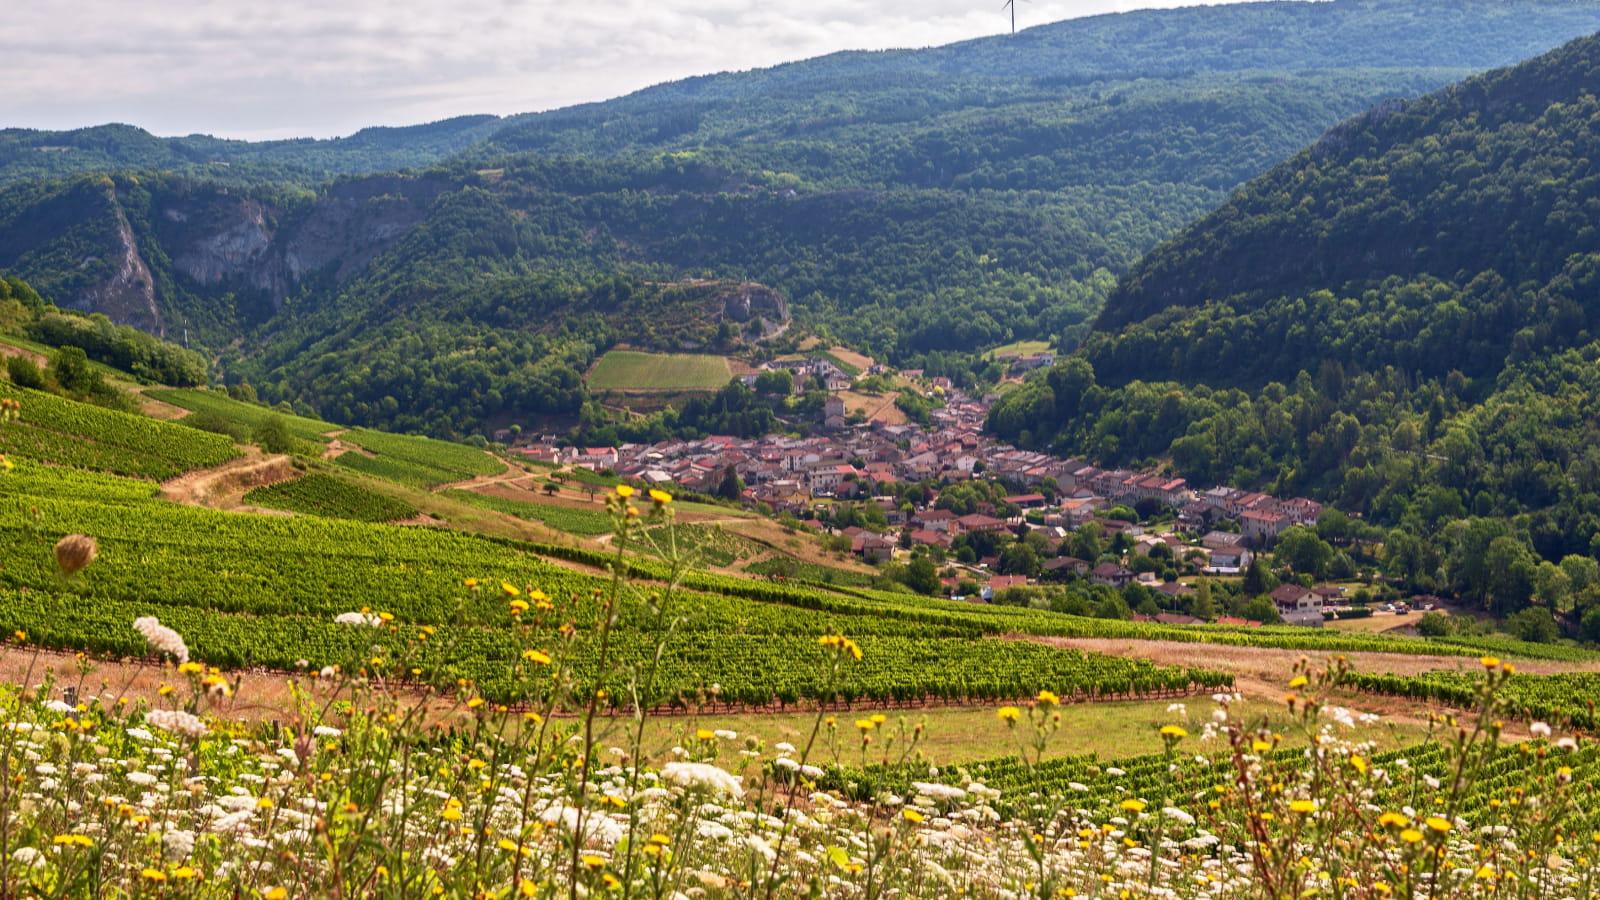 Vignoble et campagne des Montagnes du Jura